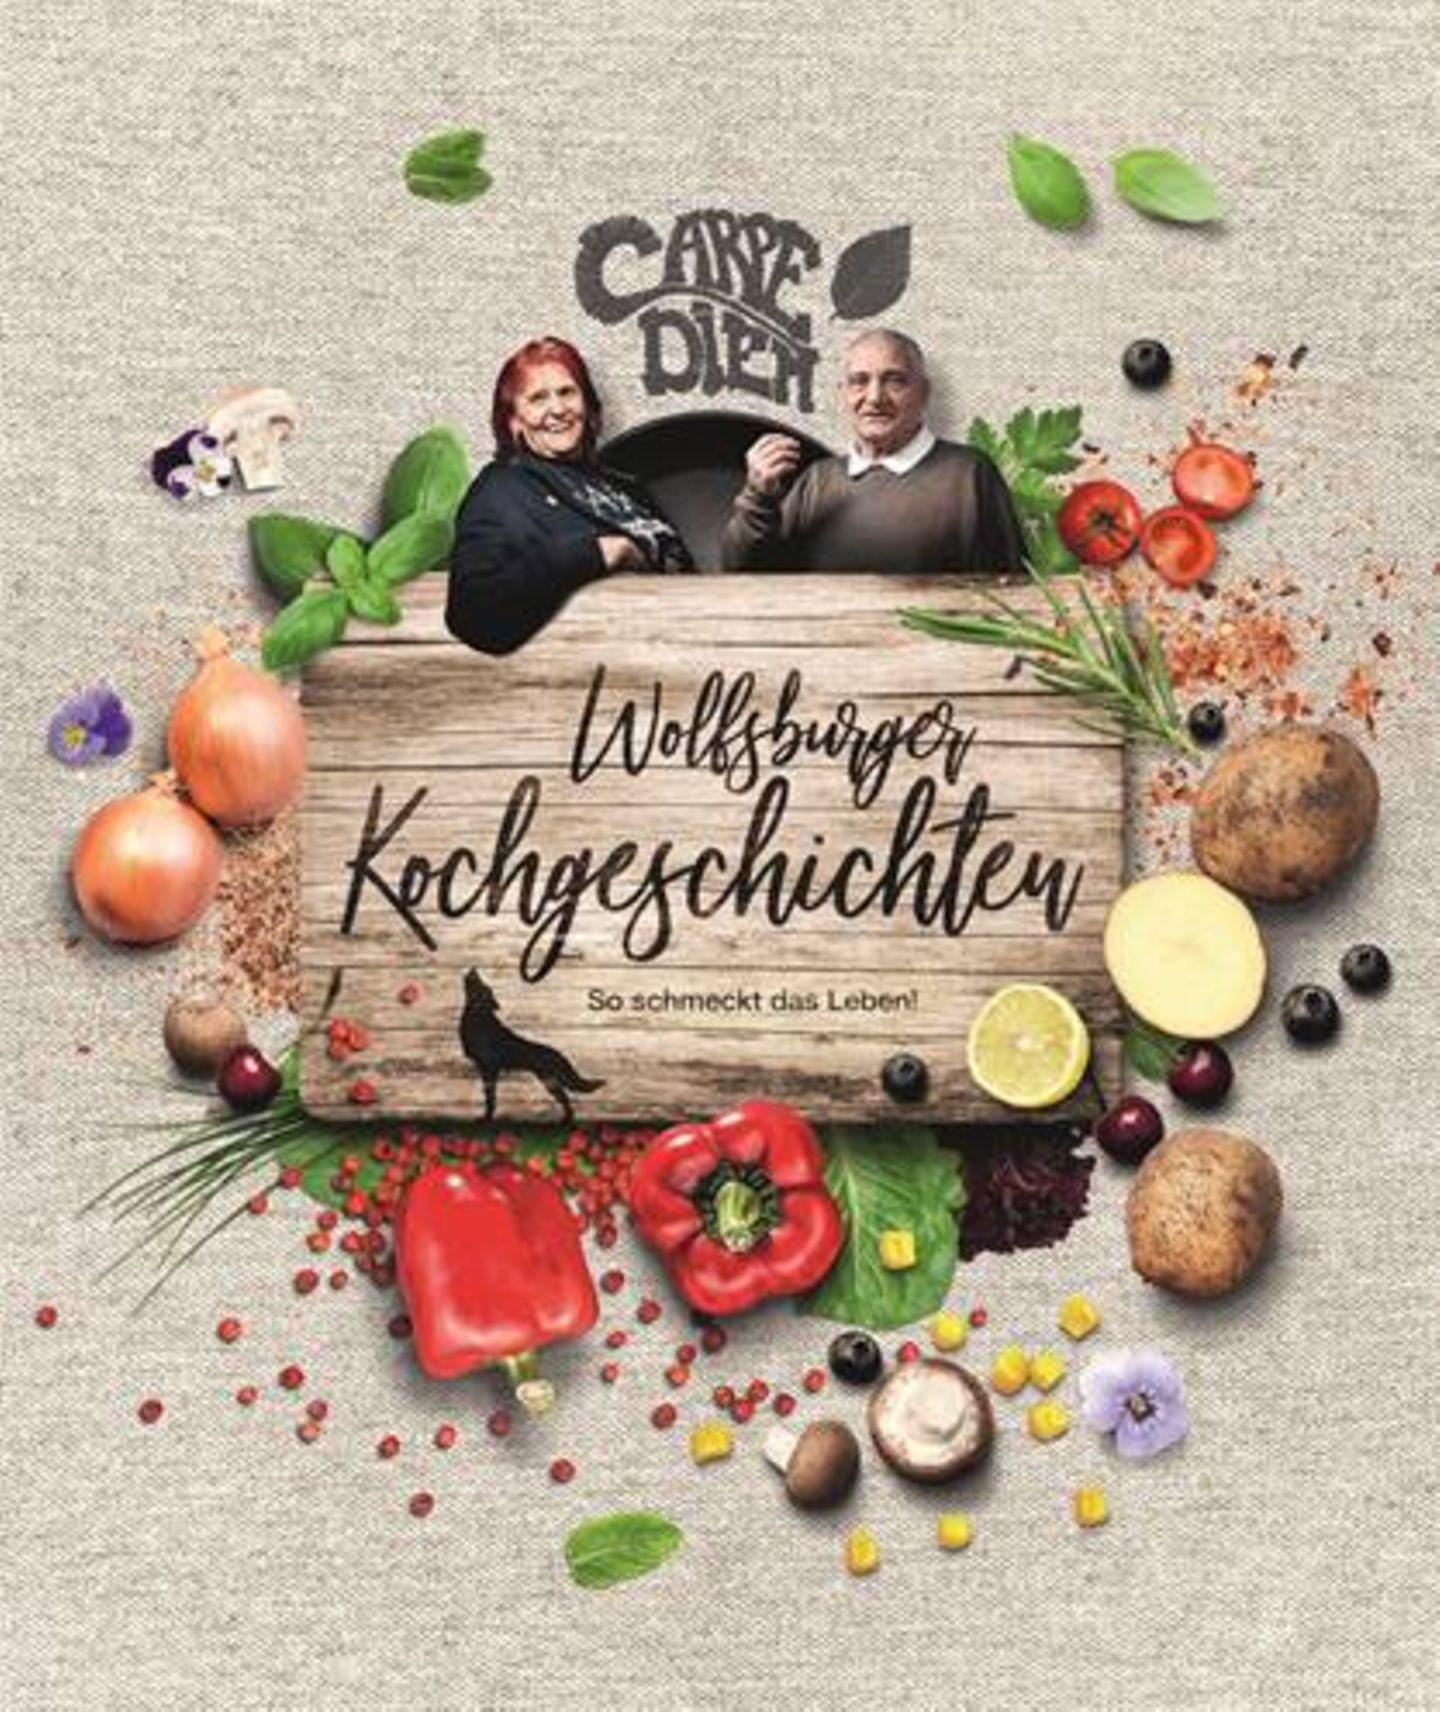 Wolfsburger Kochgeschichten